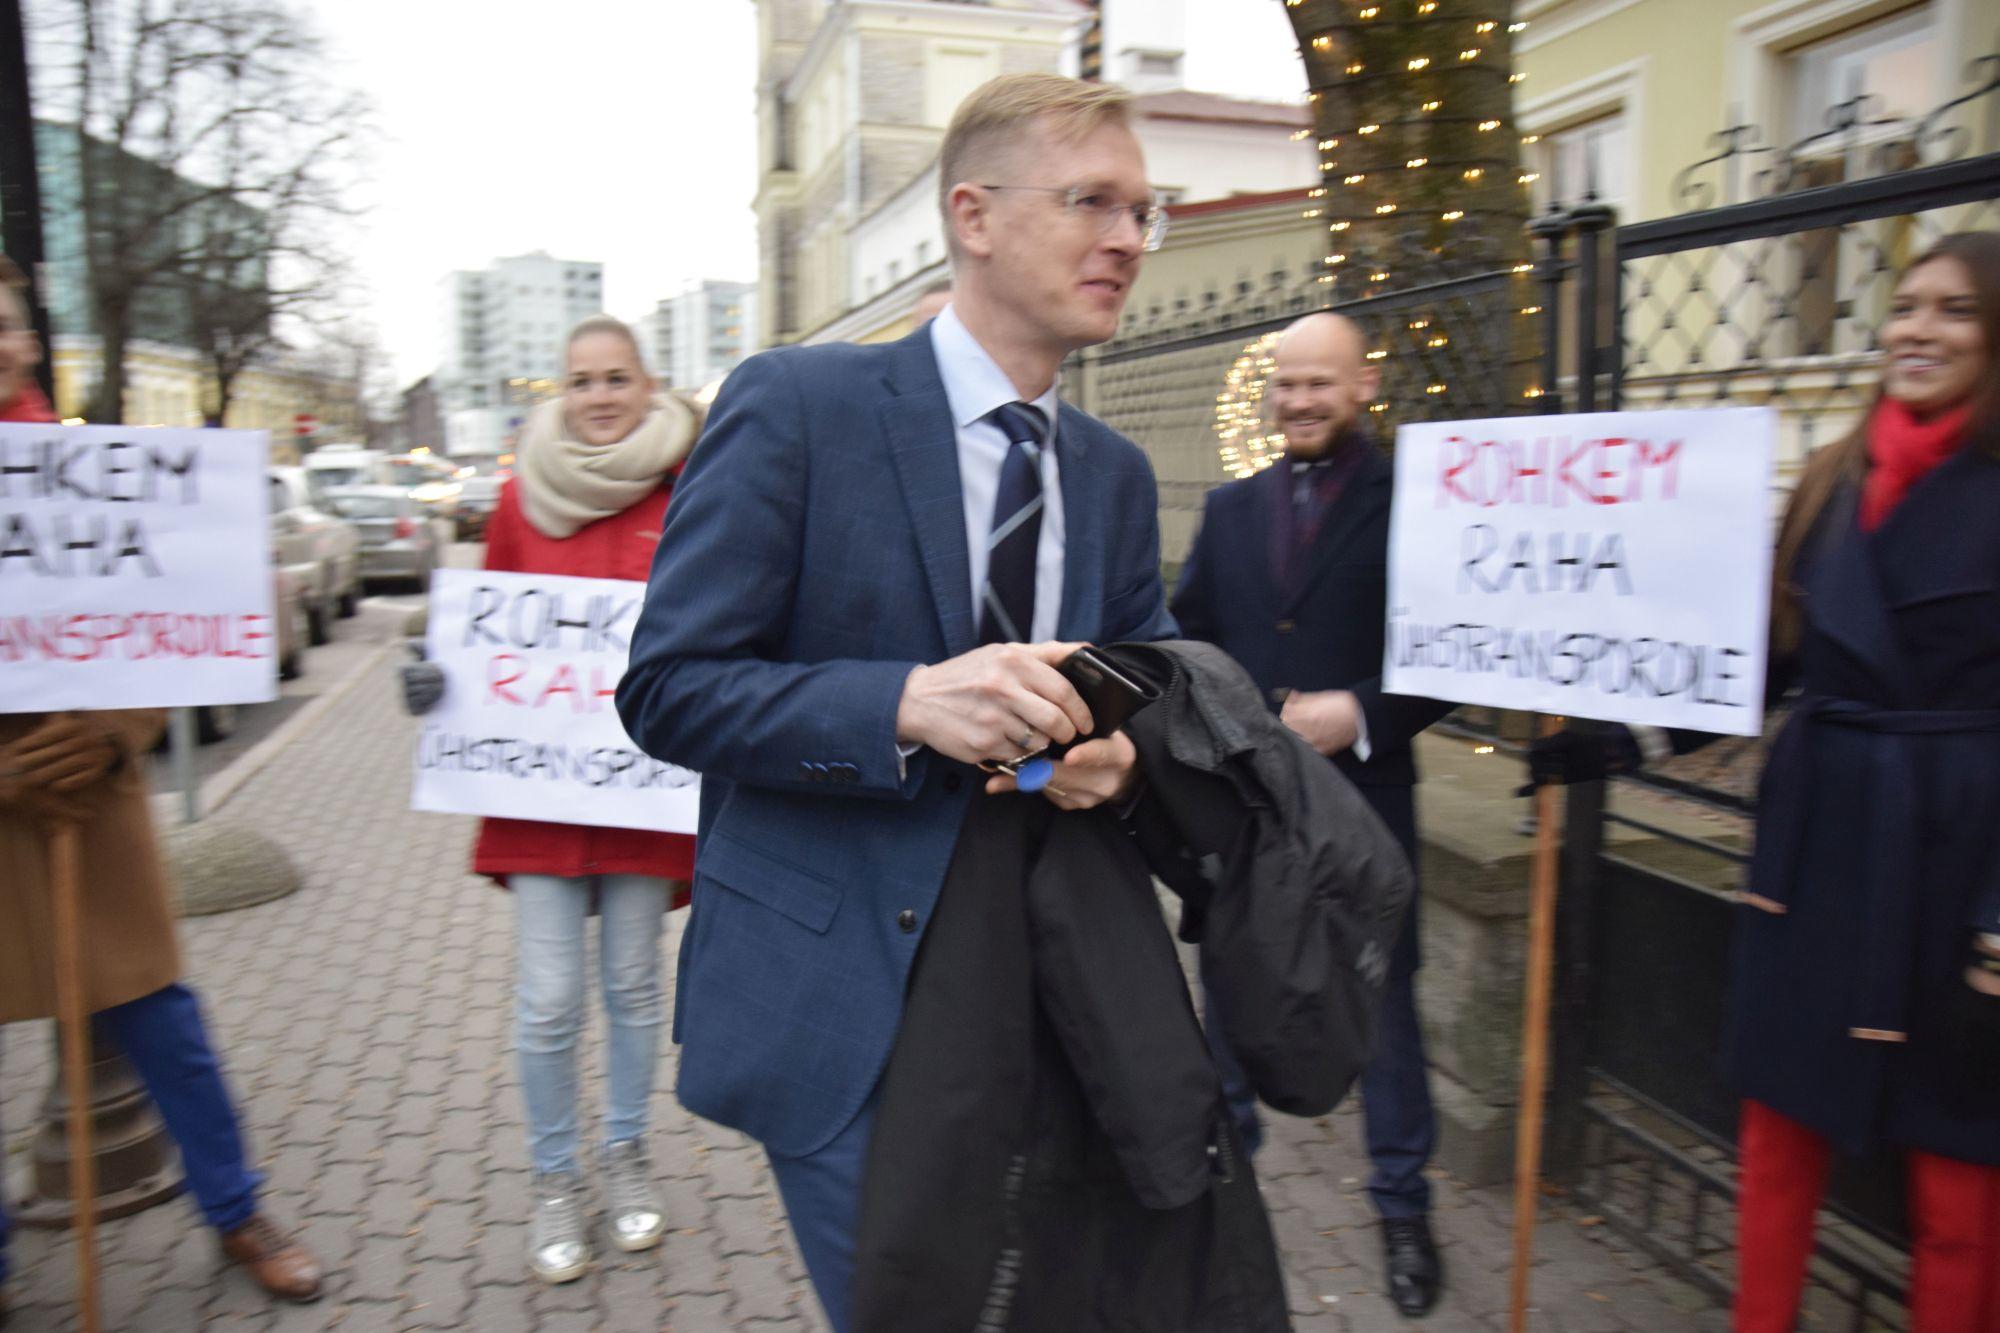 Tiit Teriku, Linnavolikogu esimees